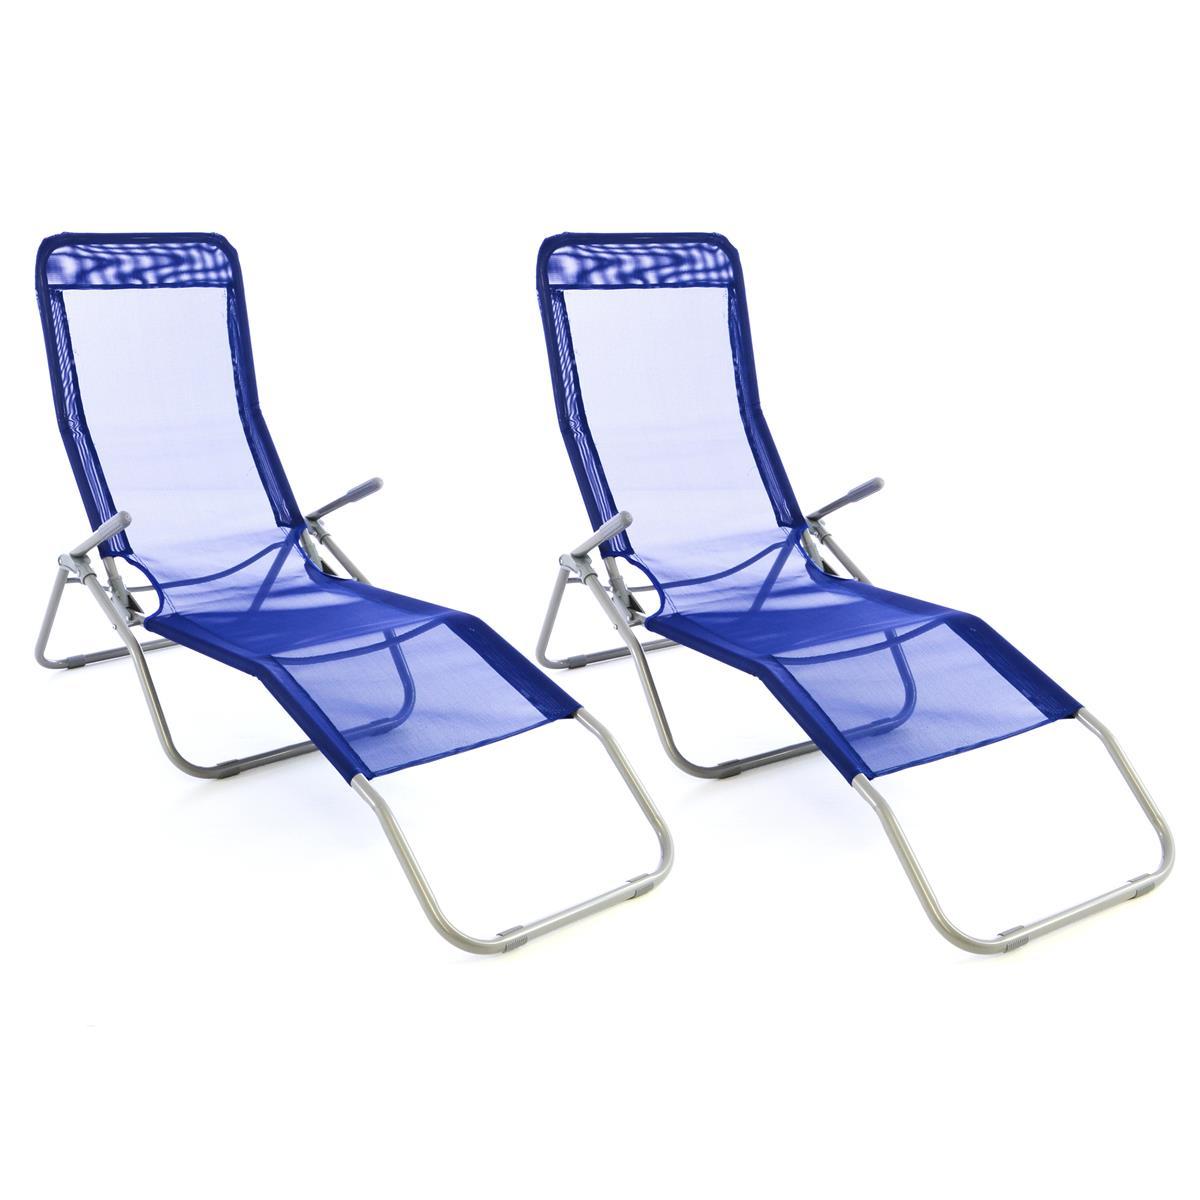 2x Gartenliege Bäderliege 160 cm Textilene blau Armlehne Relaxliege klappbar